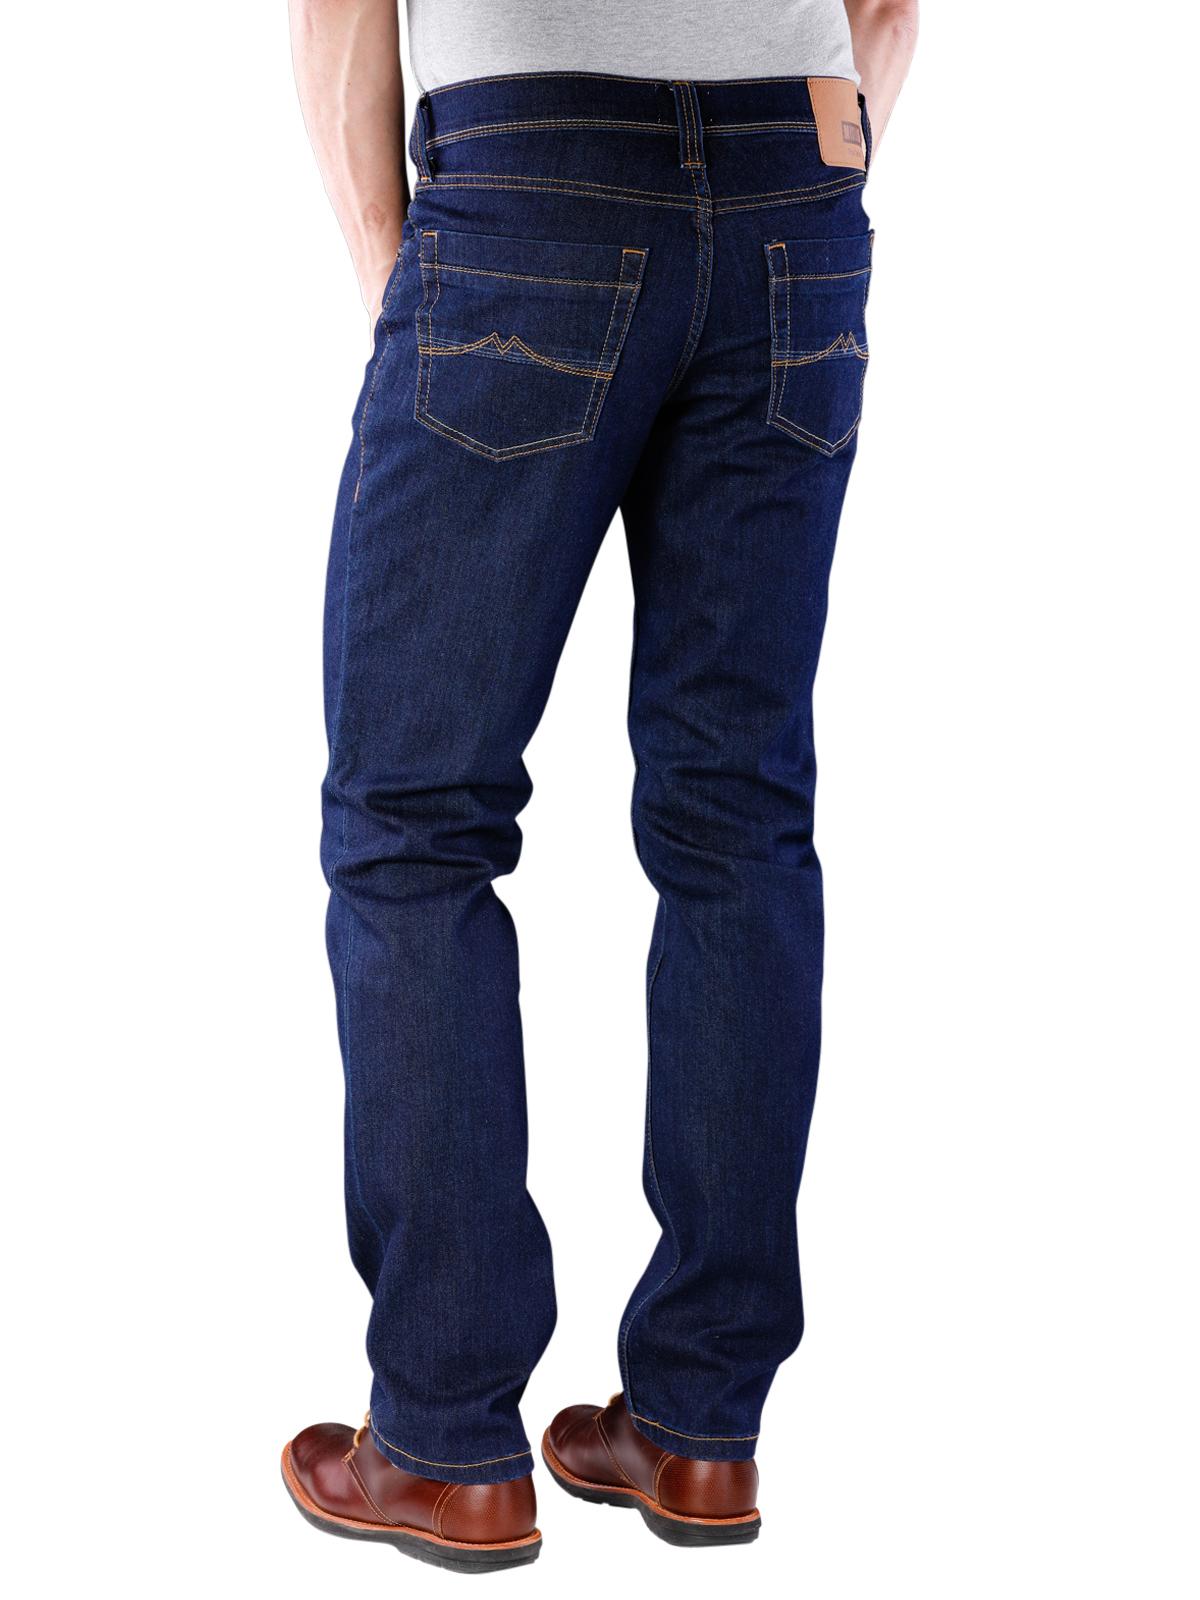 Mustang Washington Jeans Slim 900 Mustang Men's Jeans | Free